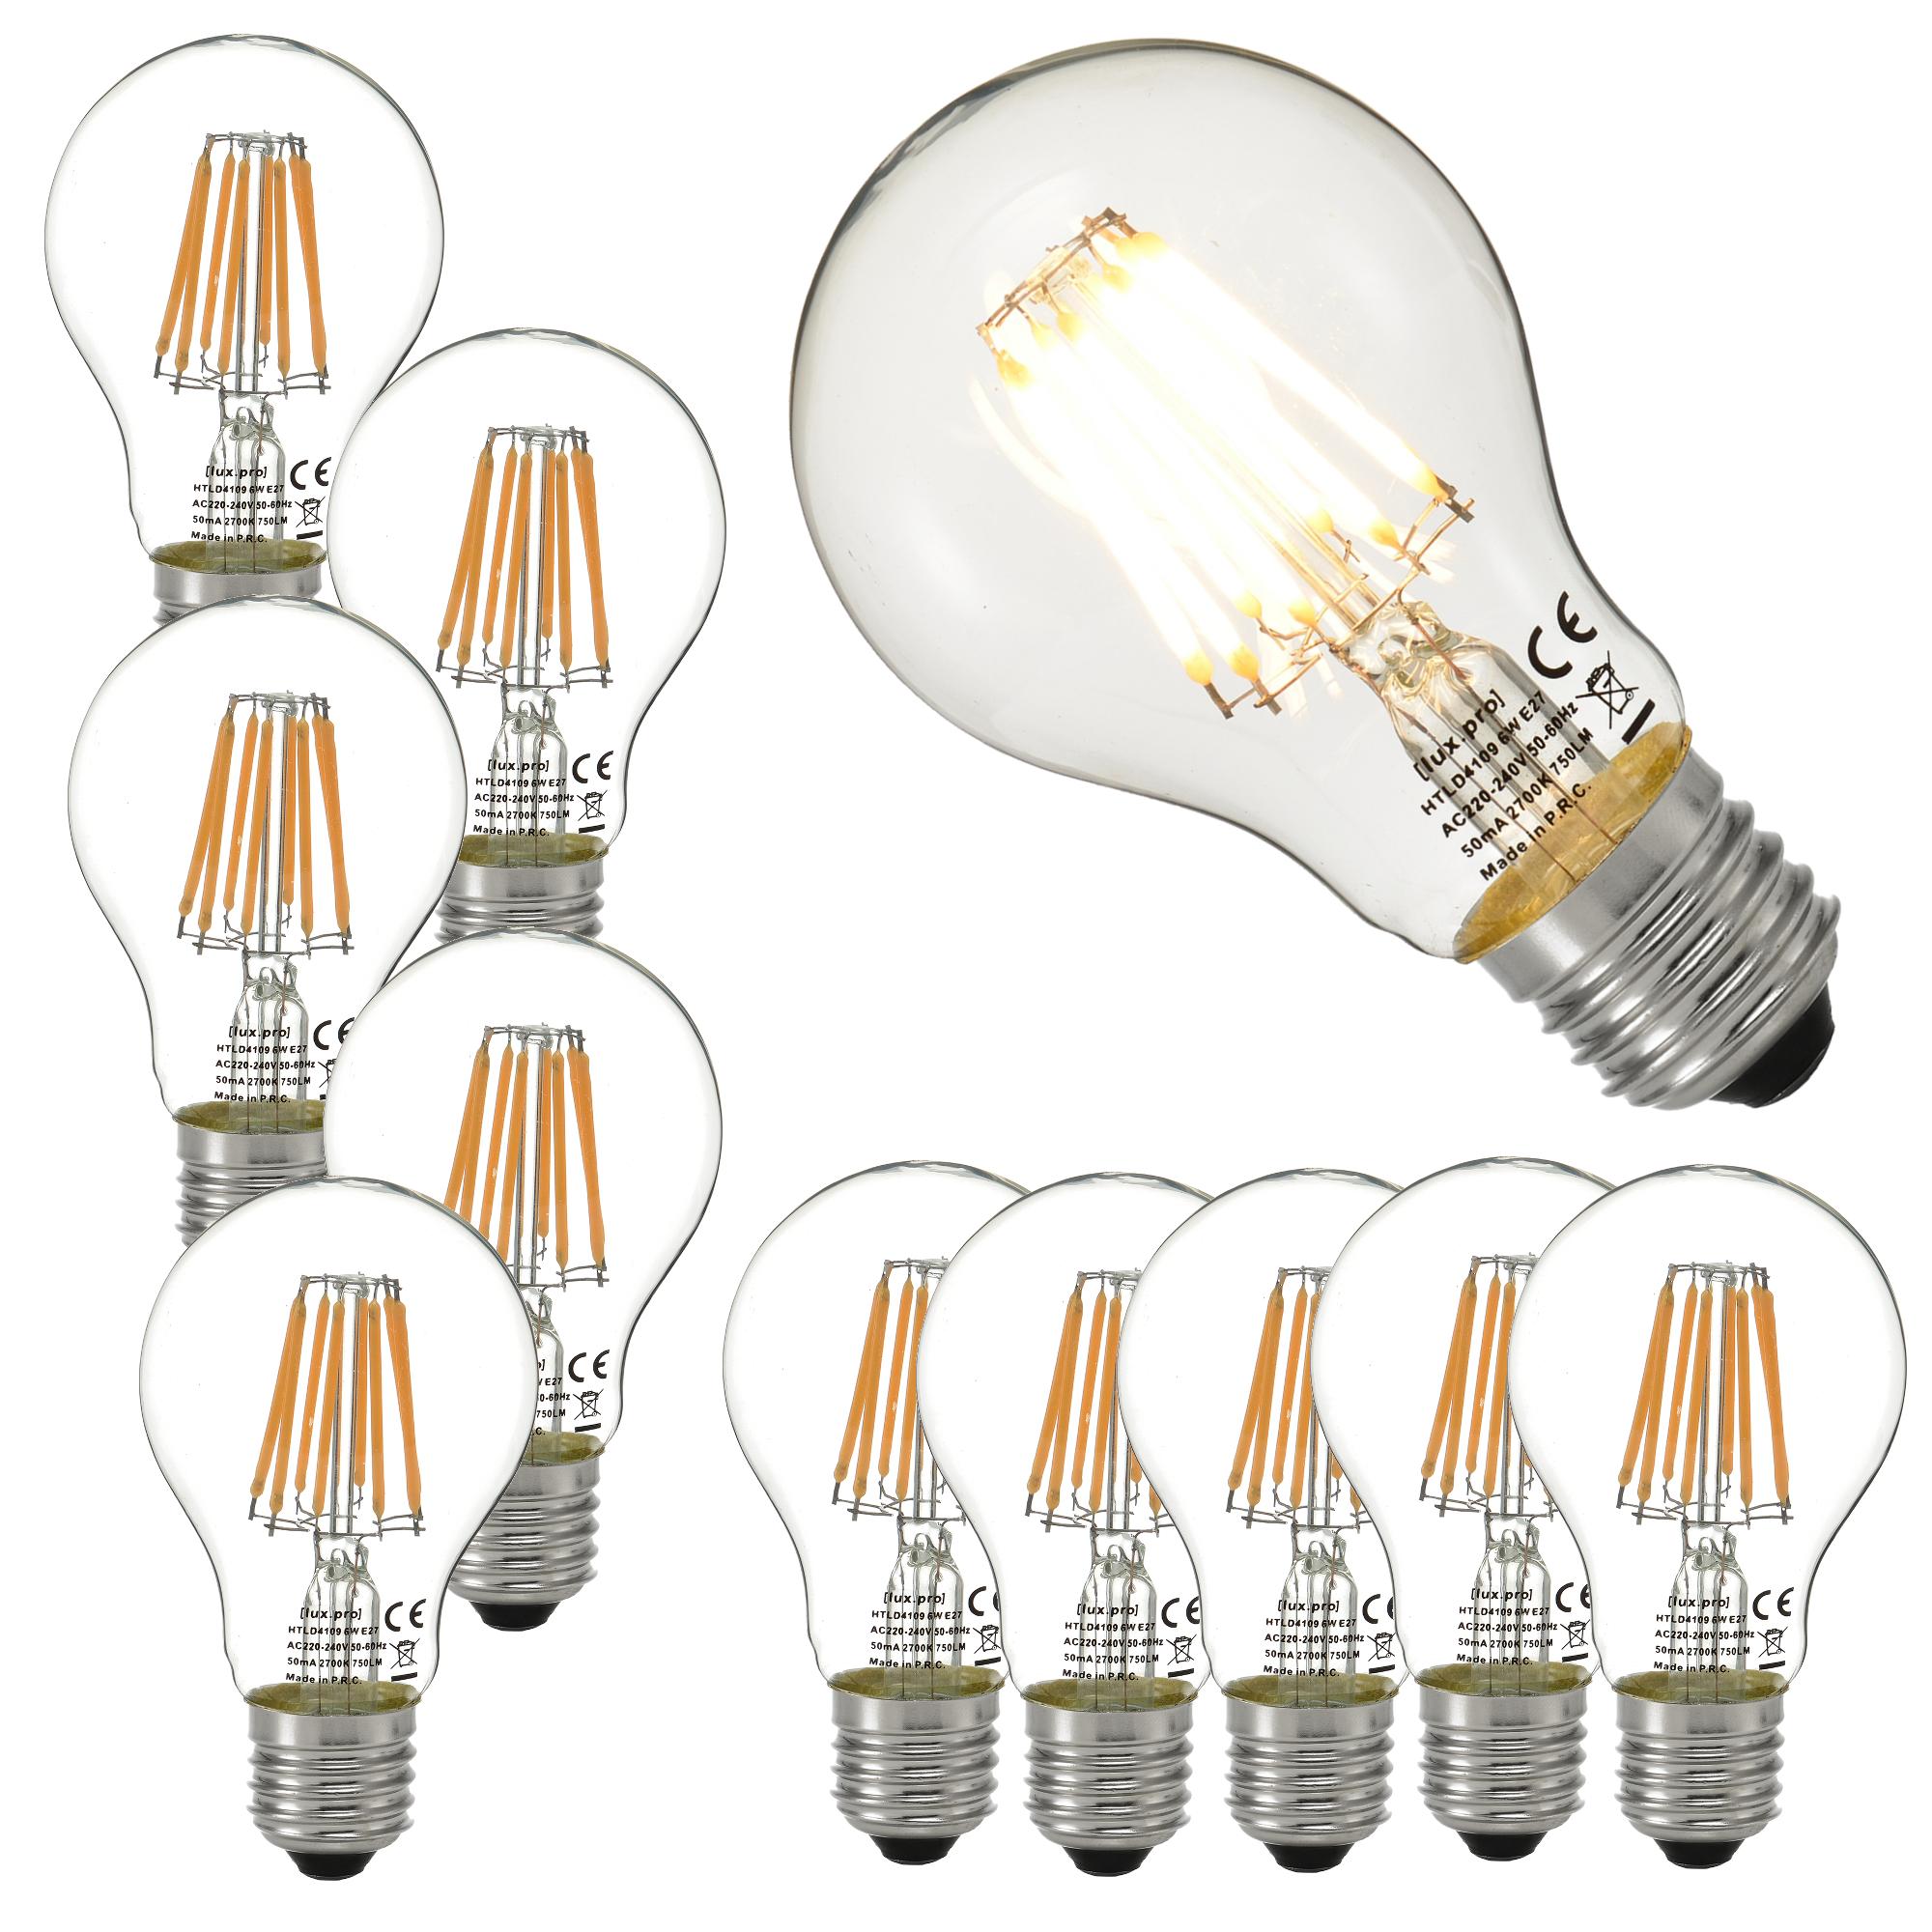 [lux.pro]® LED žárovka 10x HTLD4109